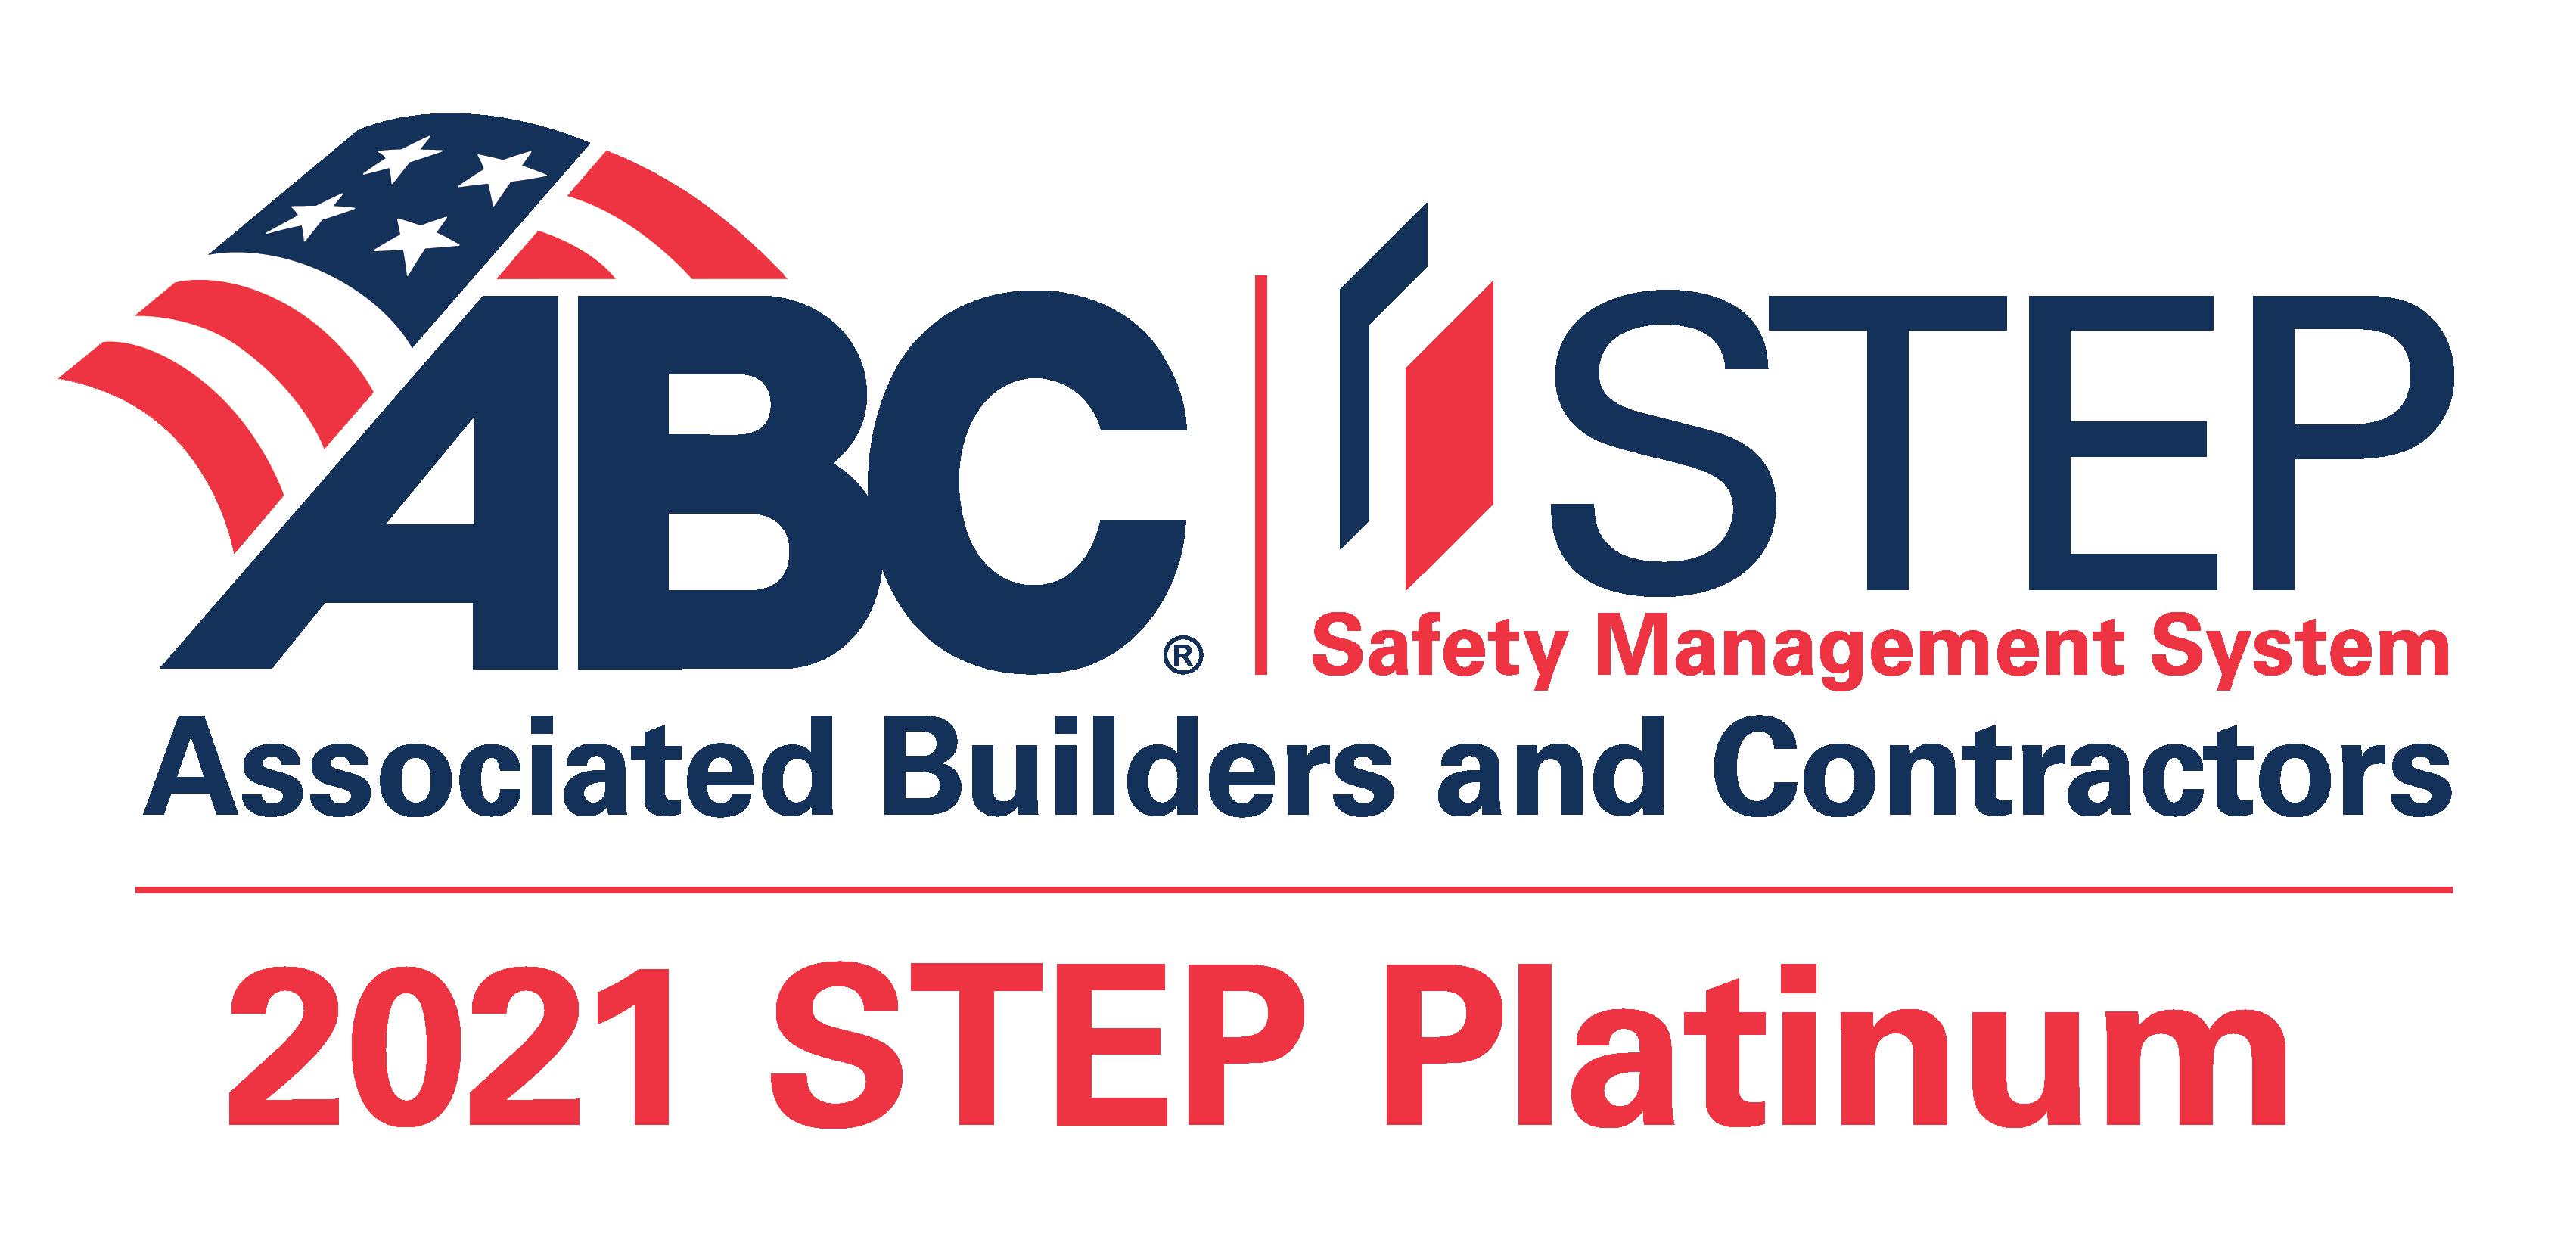 2021 STEP Platinum Award Logo